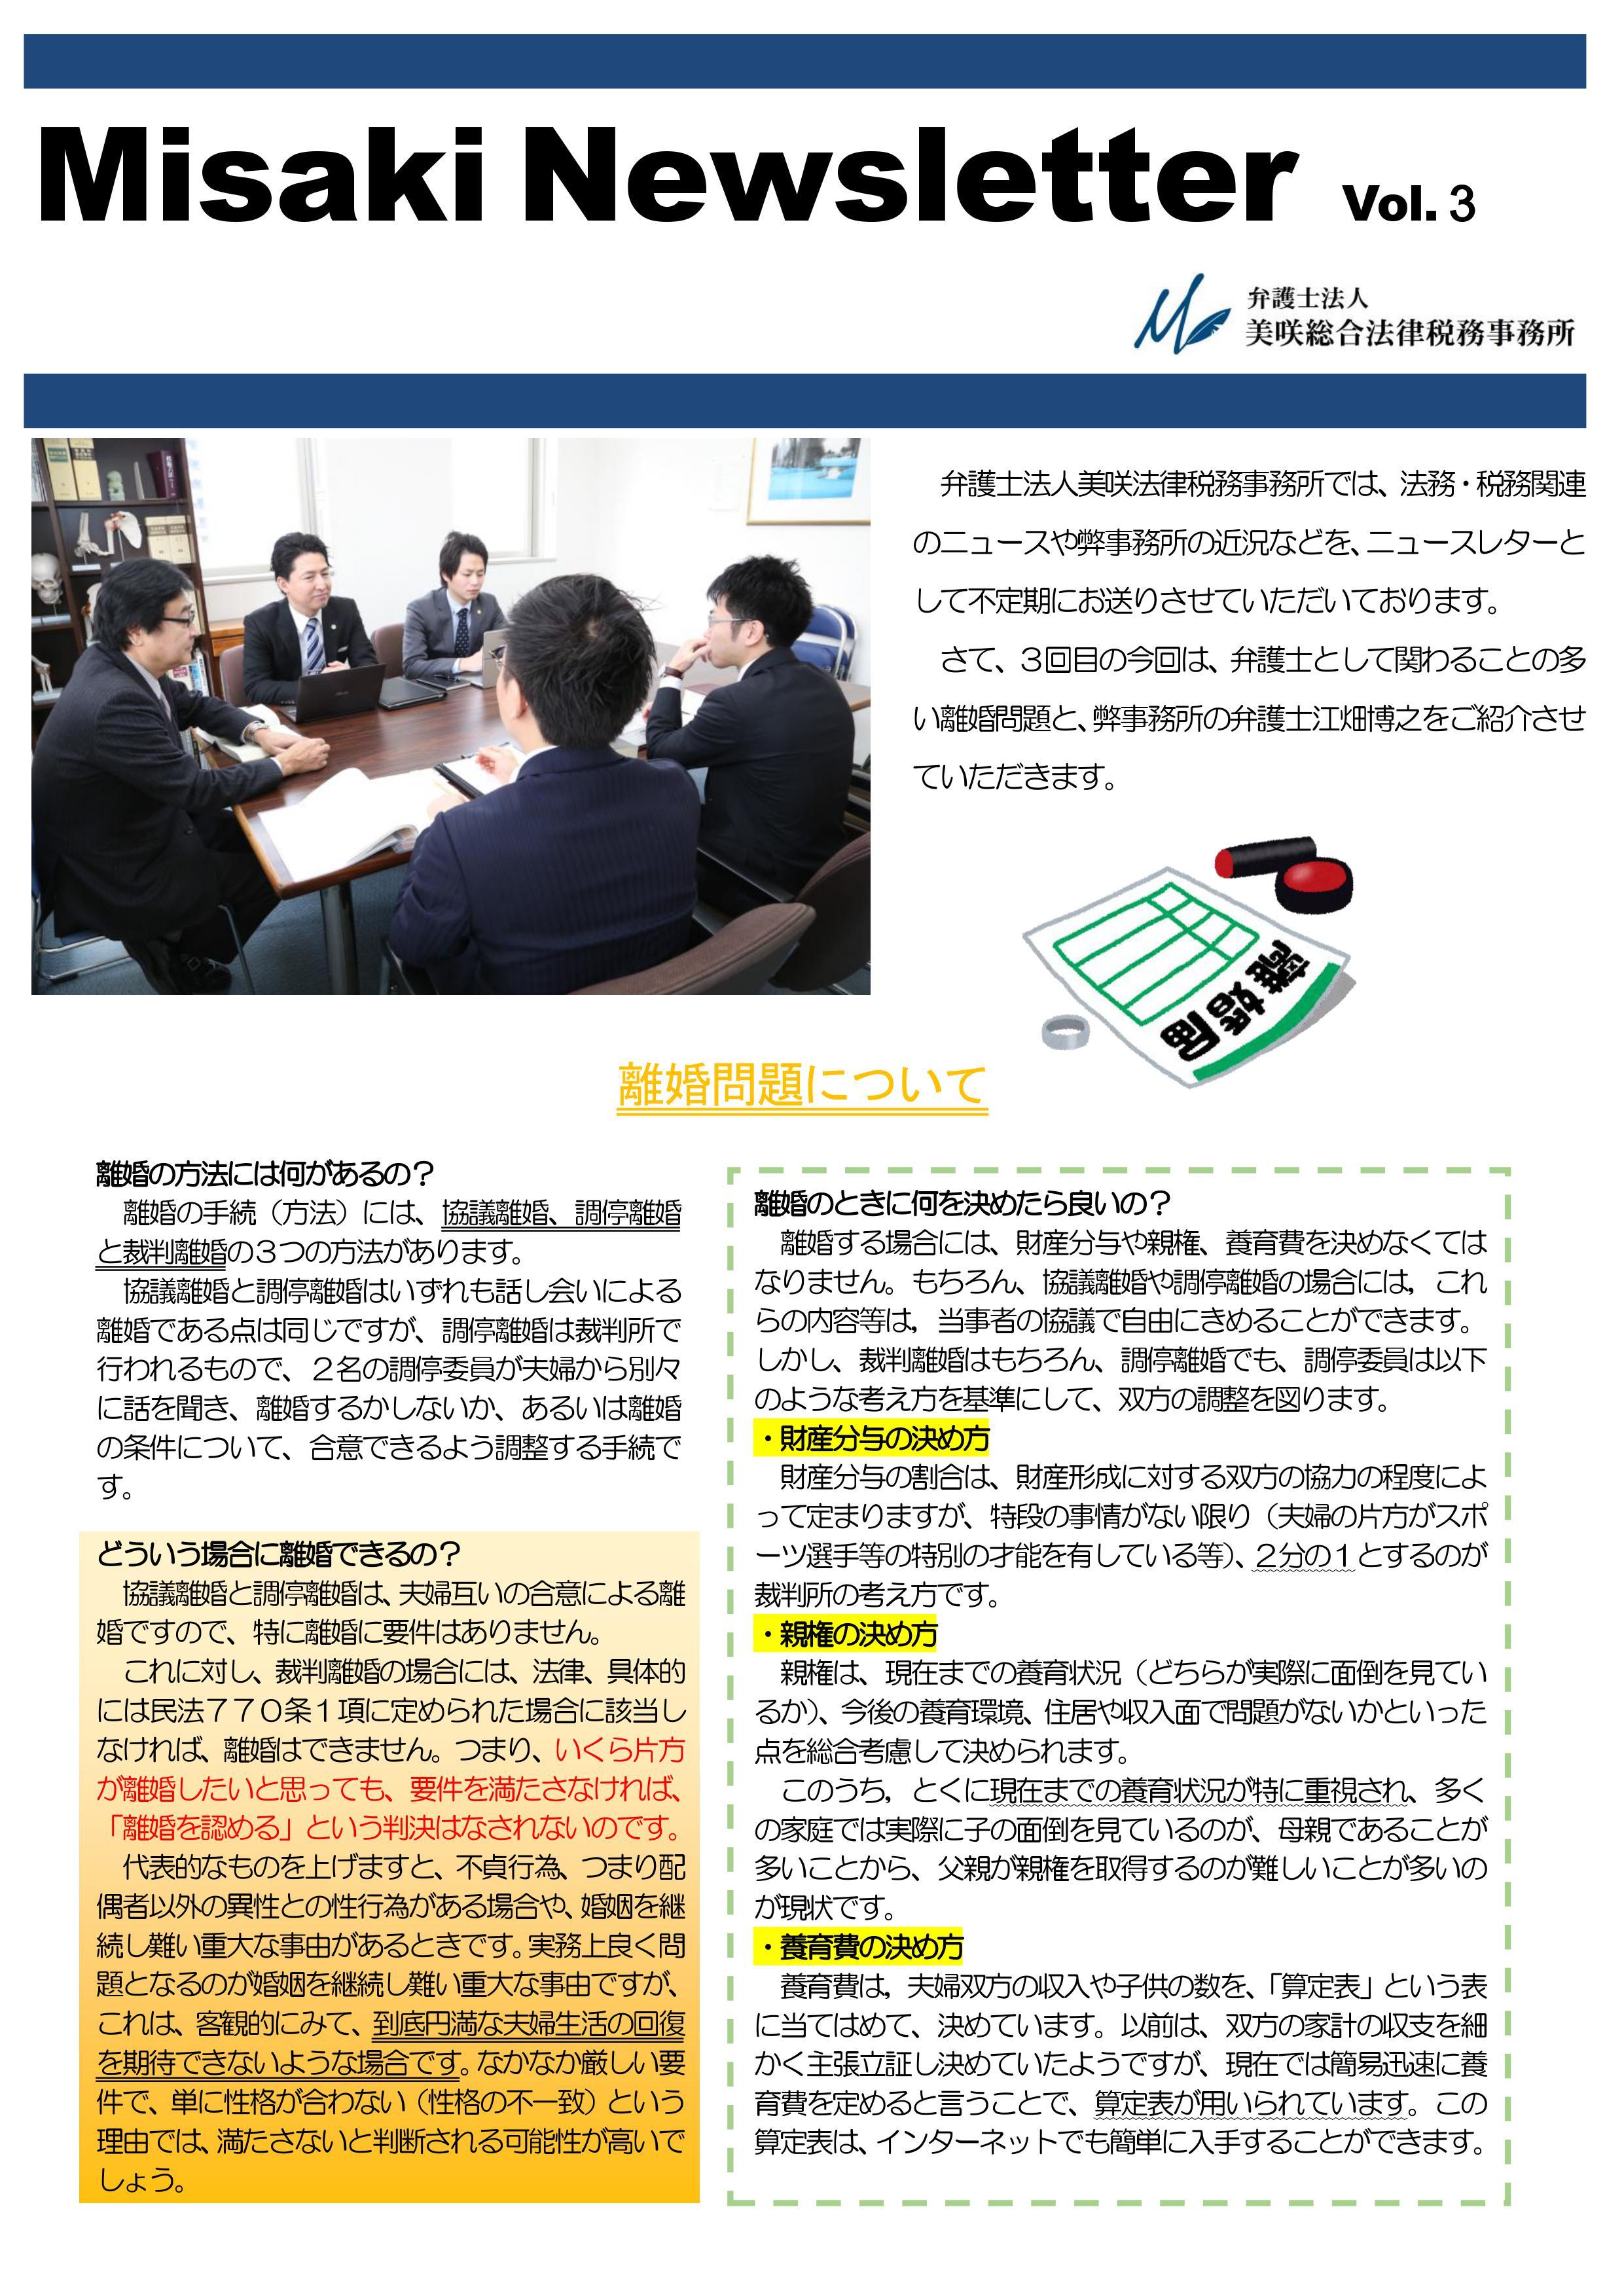 MISAKINewsletter Vol.3.jpg